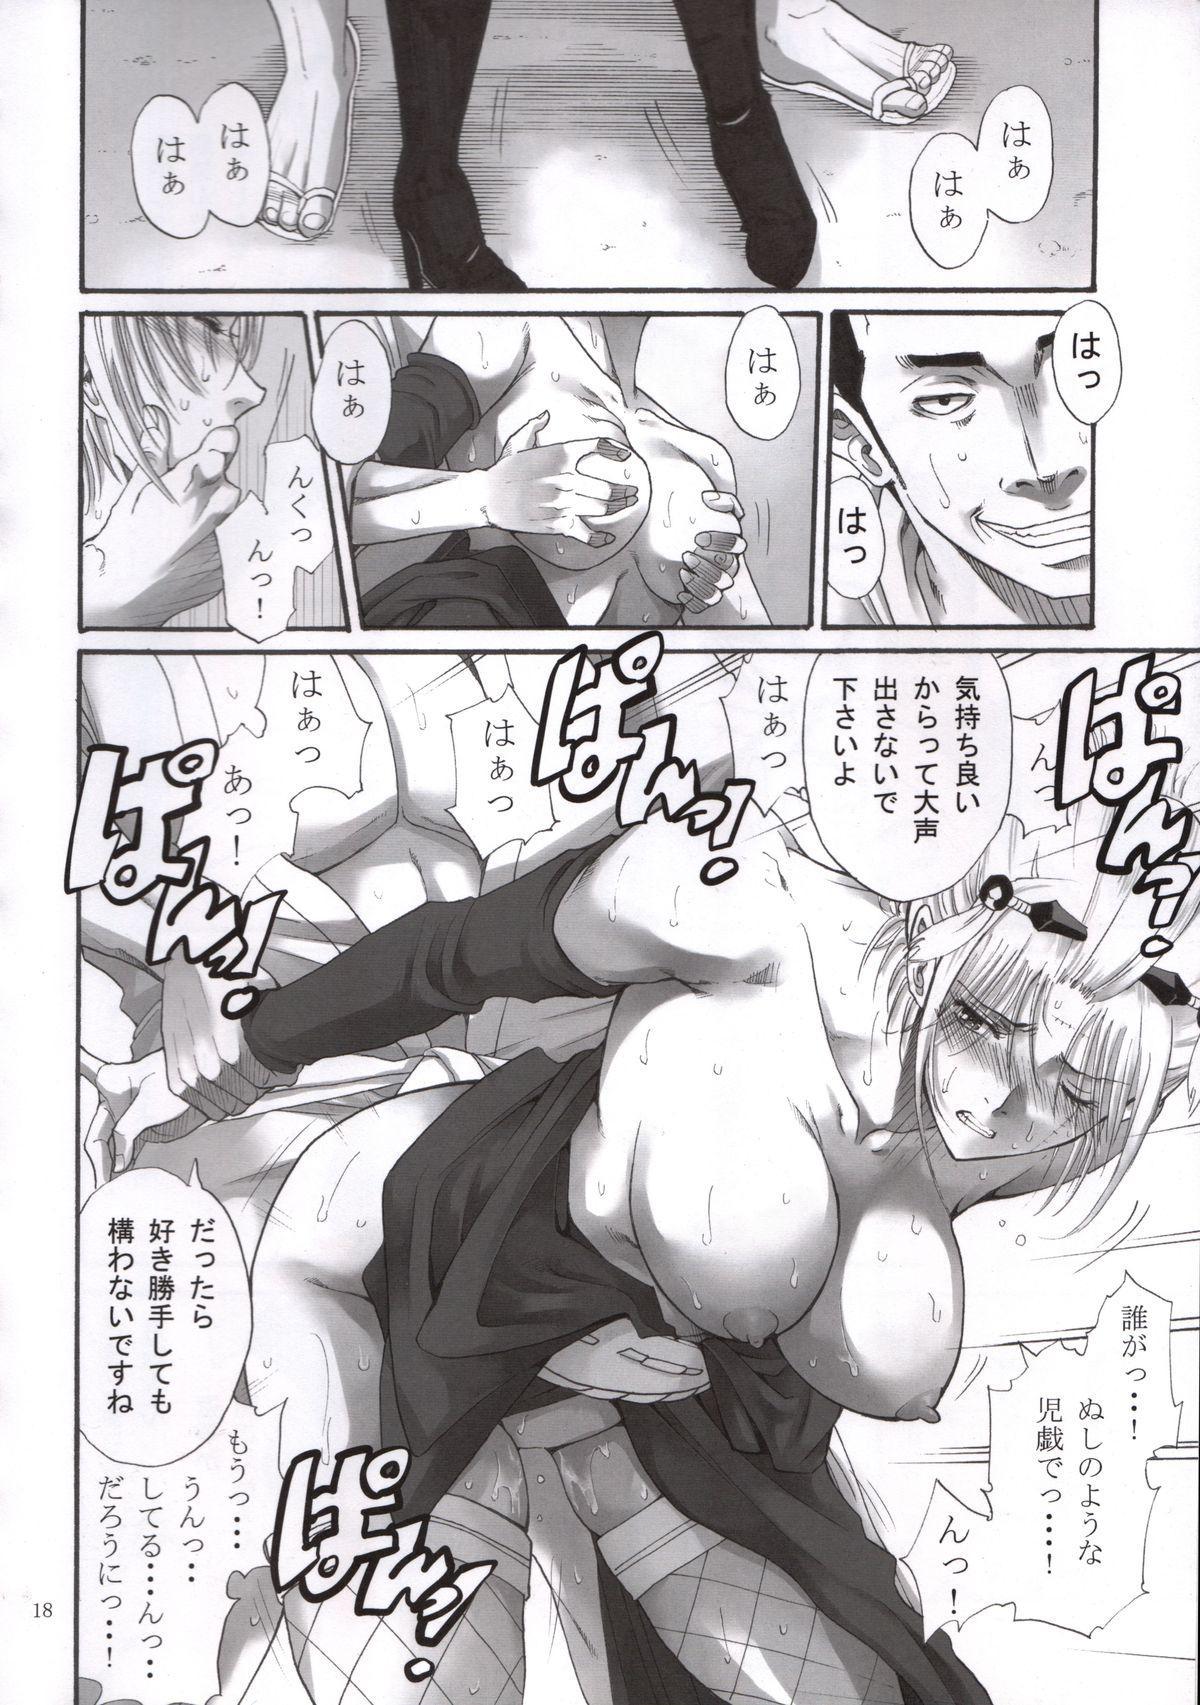 Tsukuyo-san ga Iyarashii Koto o Sarete shimau Hanashi 2 16